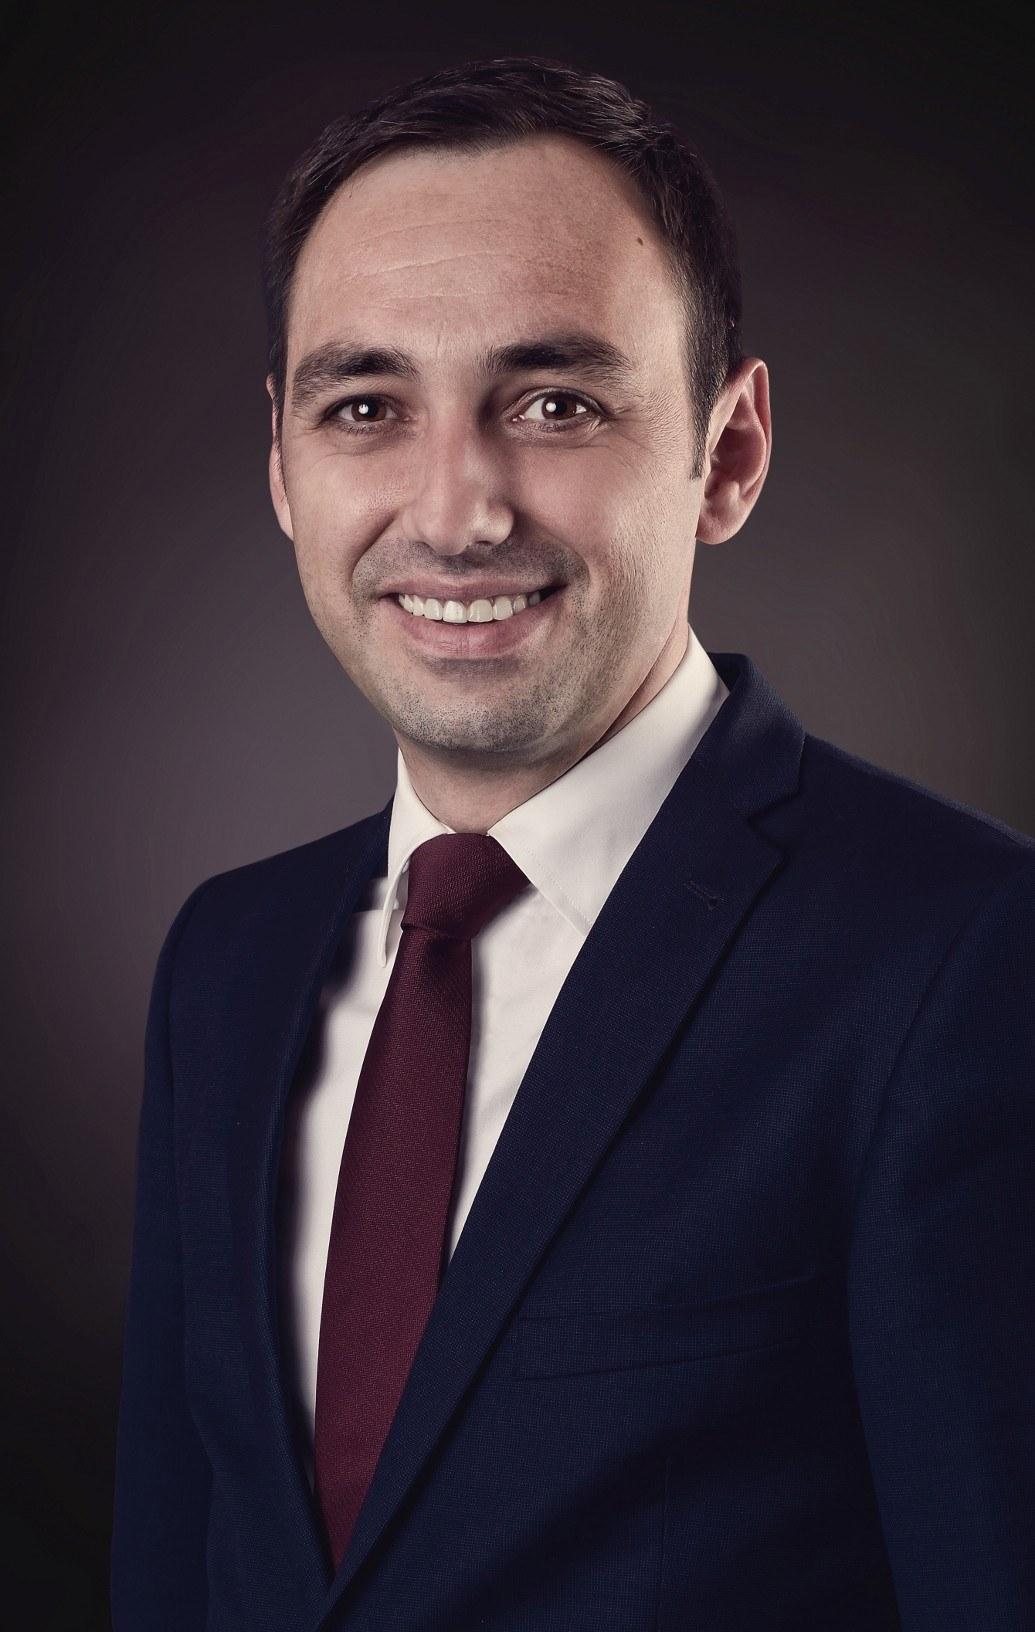 Laurențiu Nicolae Cazan